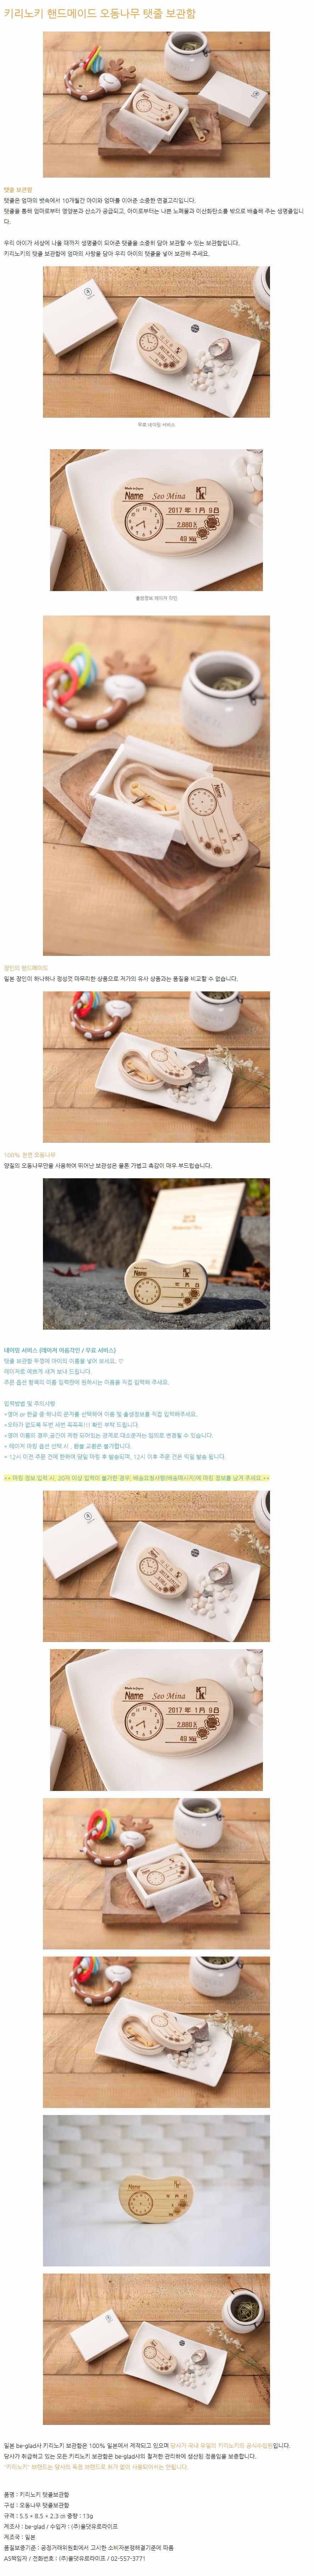 키리노키 탯줄보관함 - 키리노키, 33,000원, 기저귀케익/선물세트, 선물세트